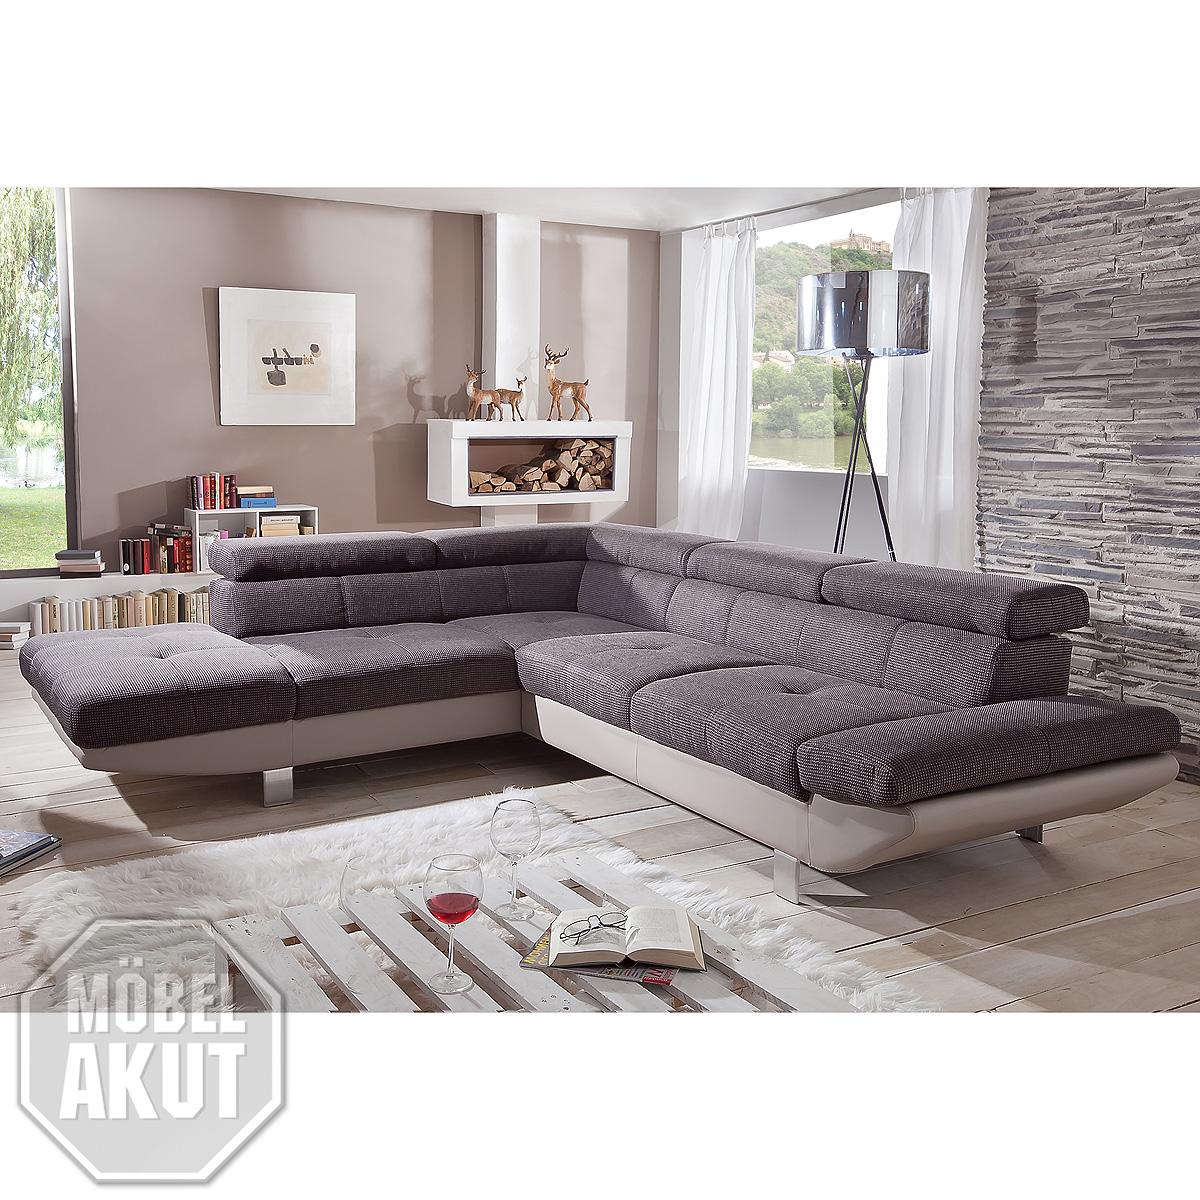 wohnlandschaft whisper ecksofa relaxfunktion mocca sand auswahl rechts links ebay. Black Bedroom Furniture Sets. Home Design Ideas